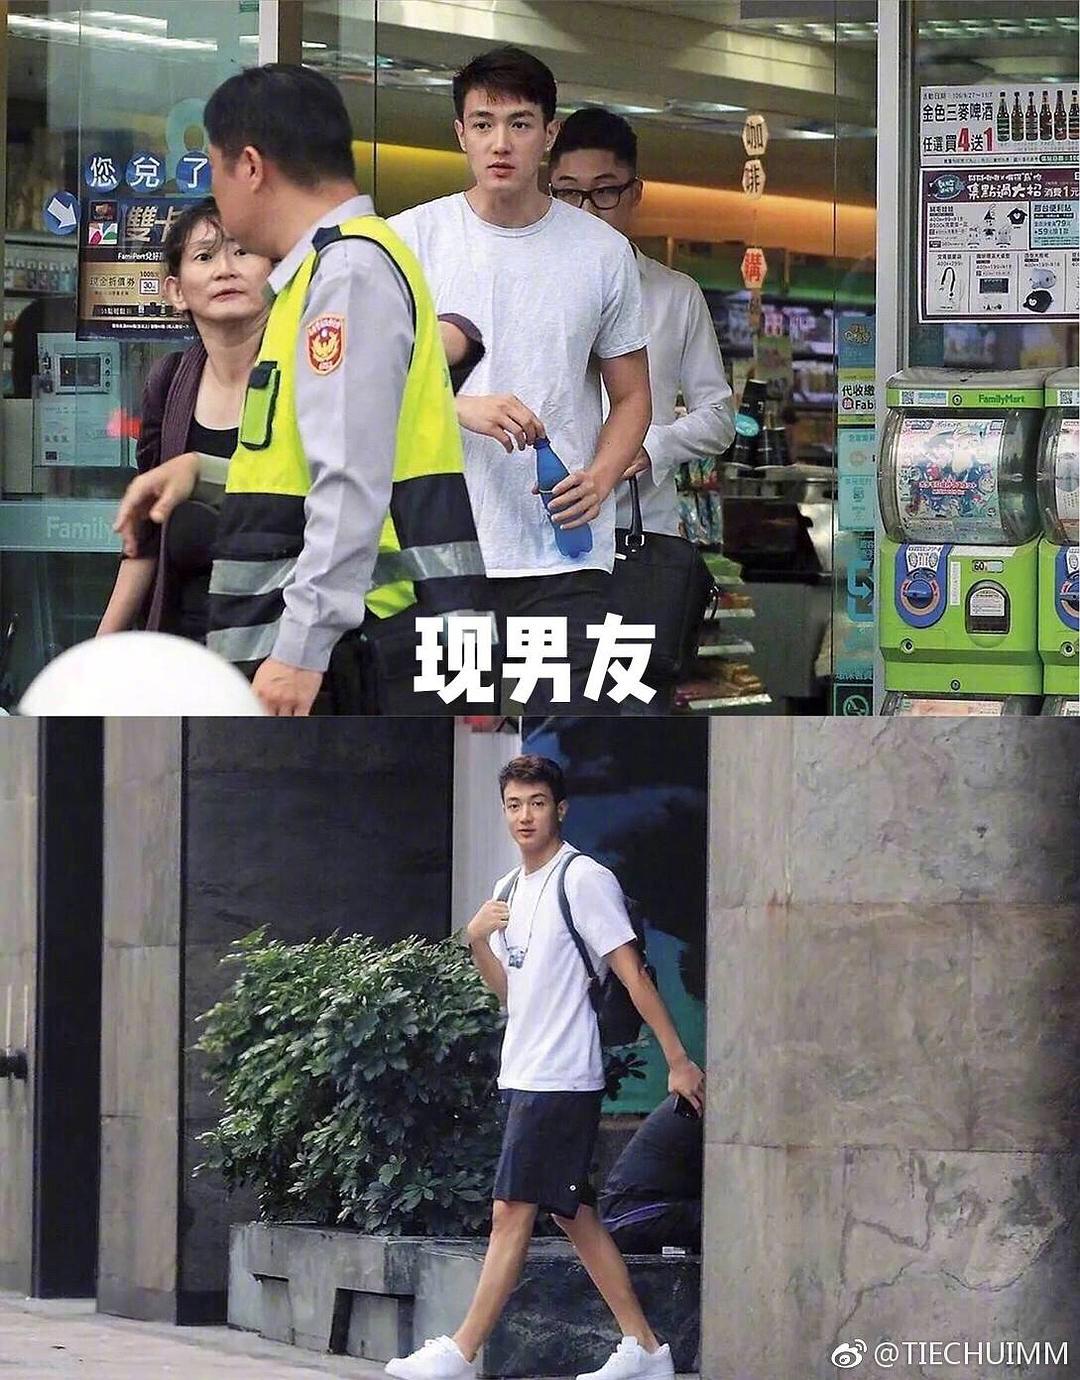 公开恋爱对象,为腾讯视频第二季节目选手@黄皓Justin